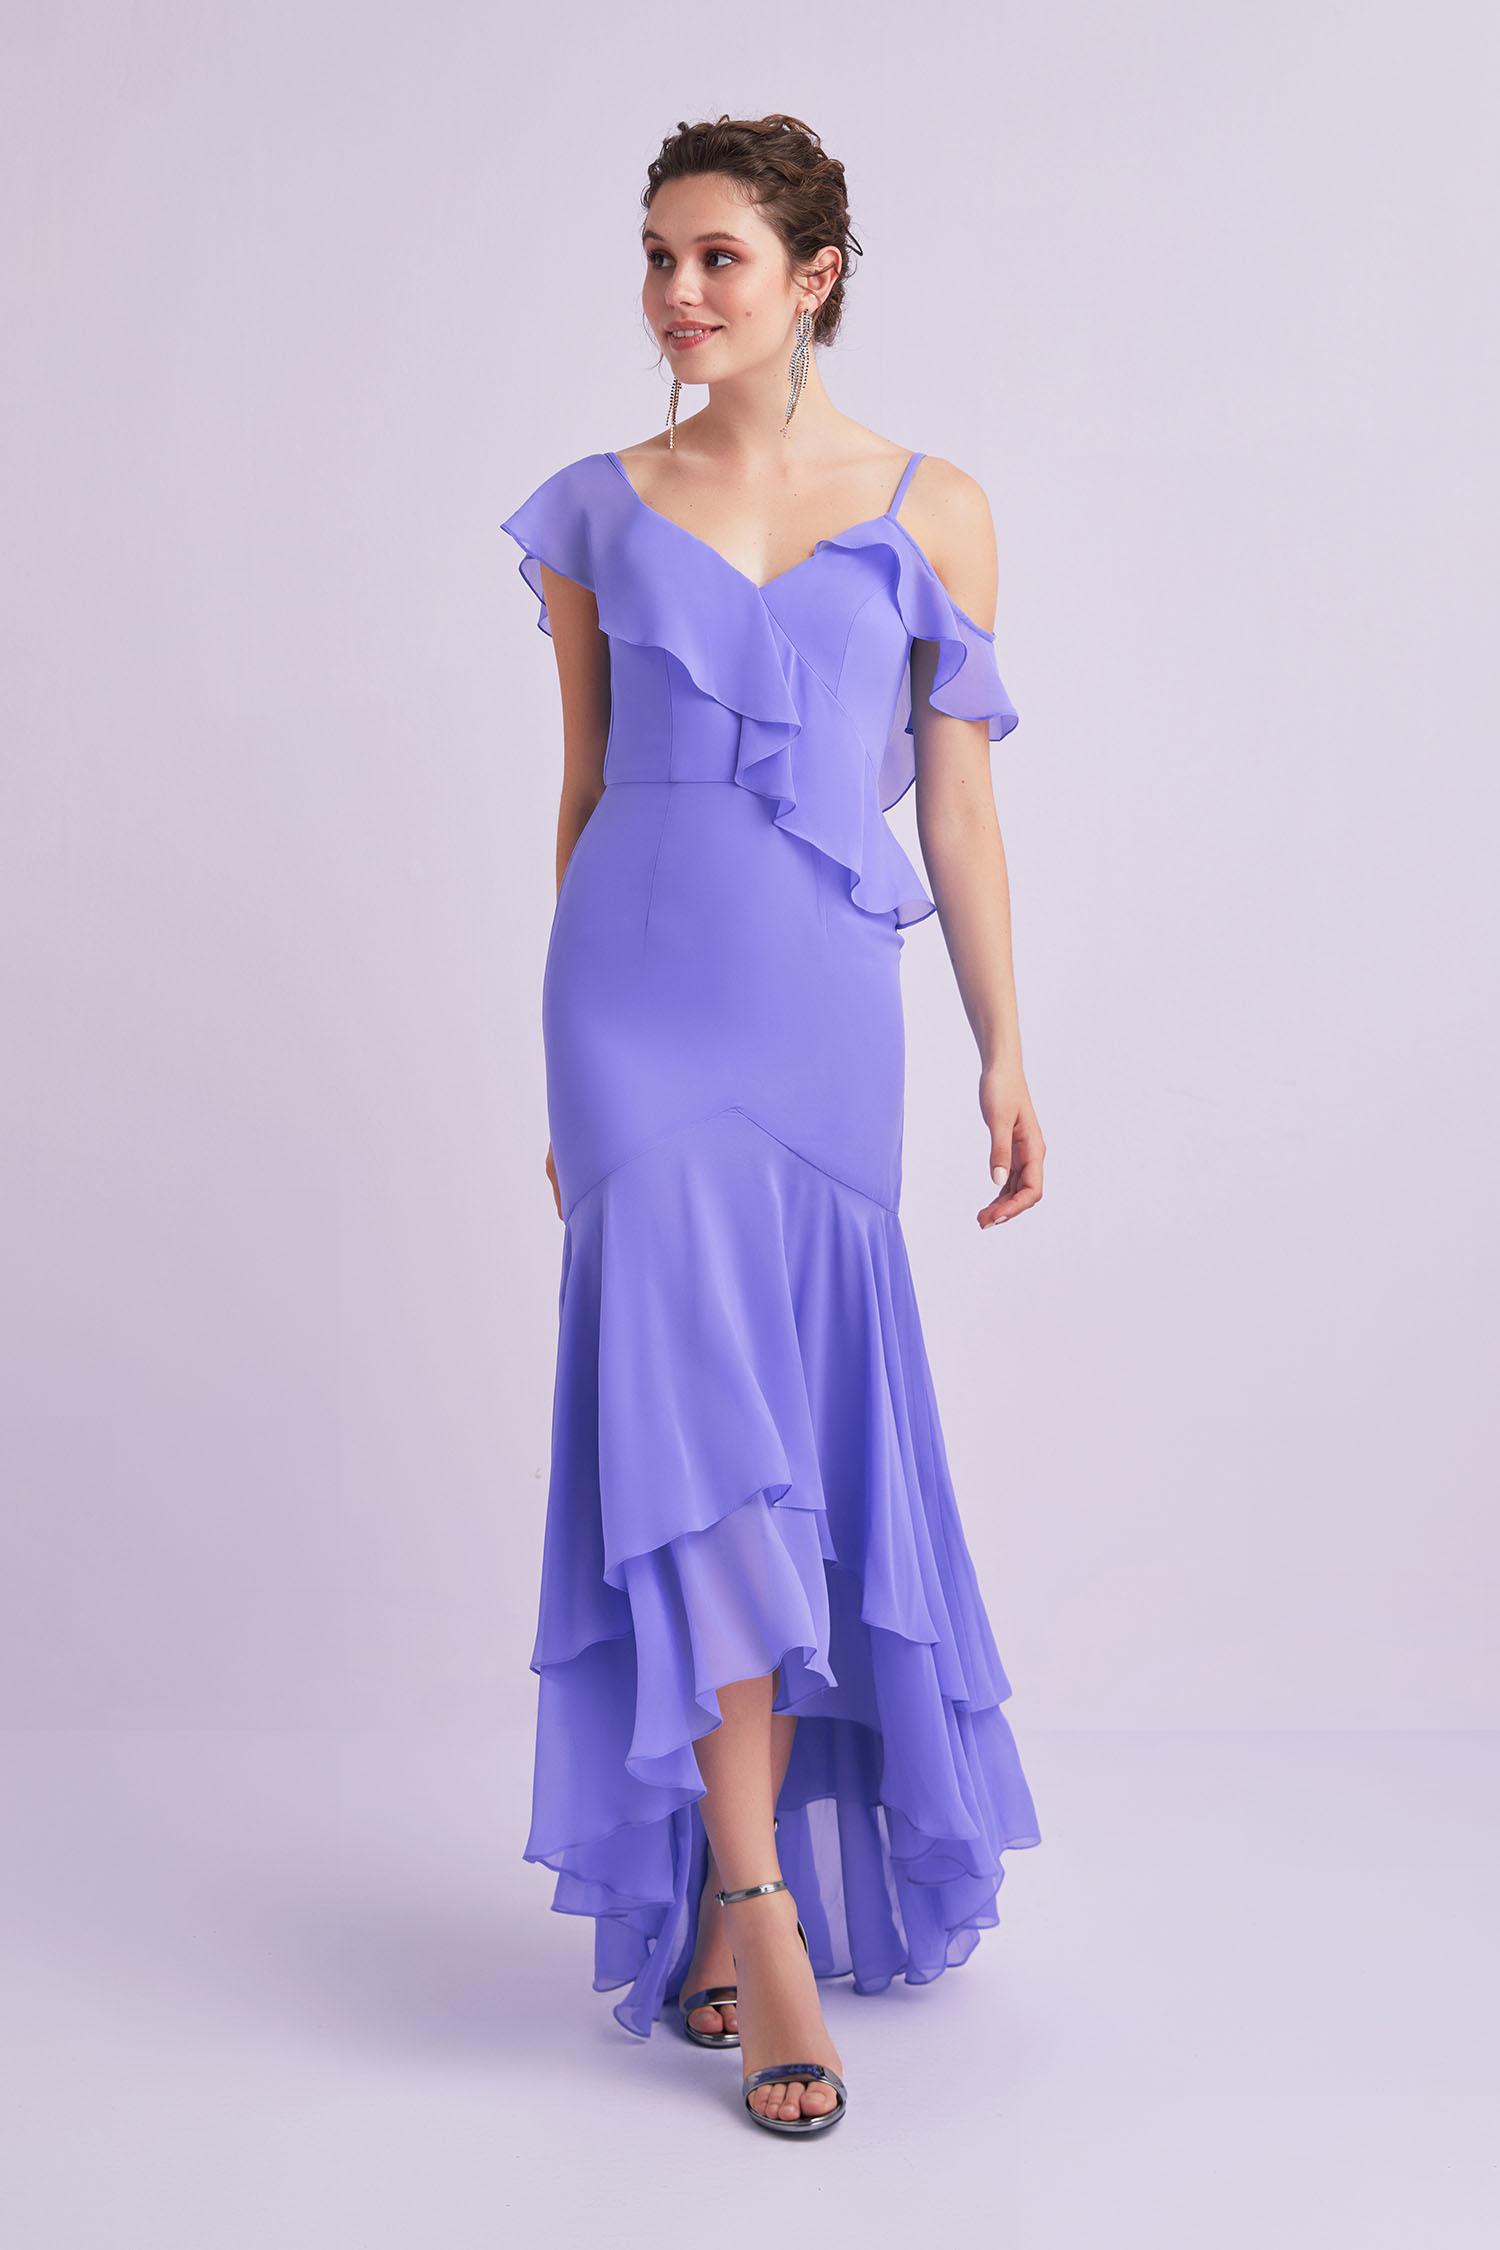 Lila Farbalalı Önü Kısa Arkası Uzun Şifon Elbise - Thumbnail